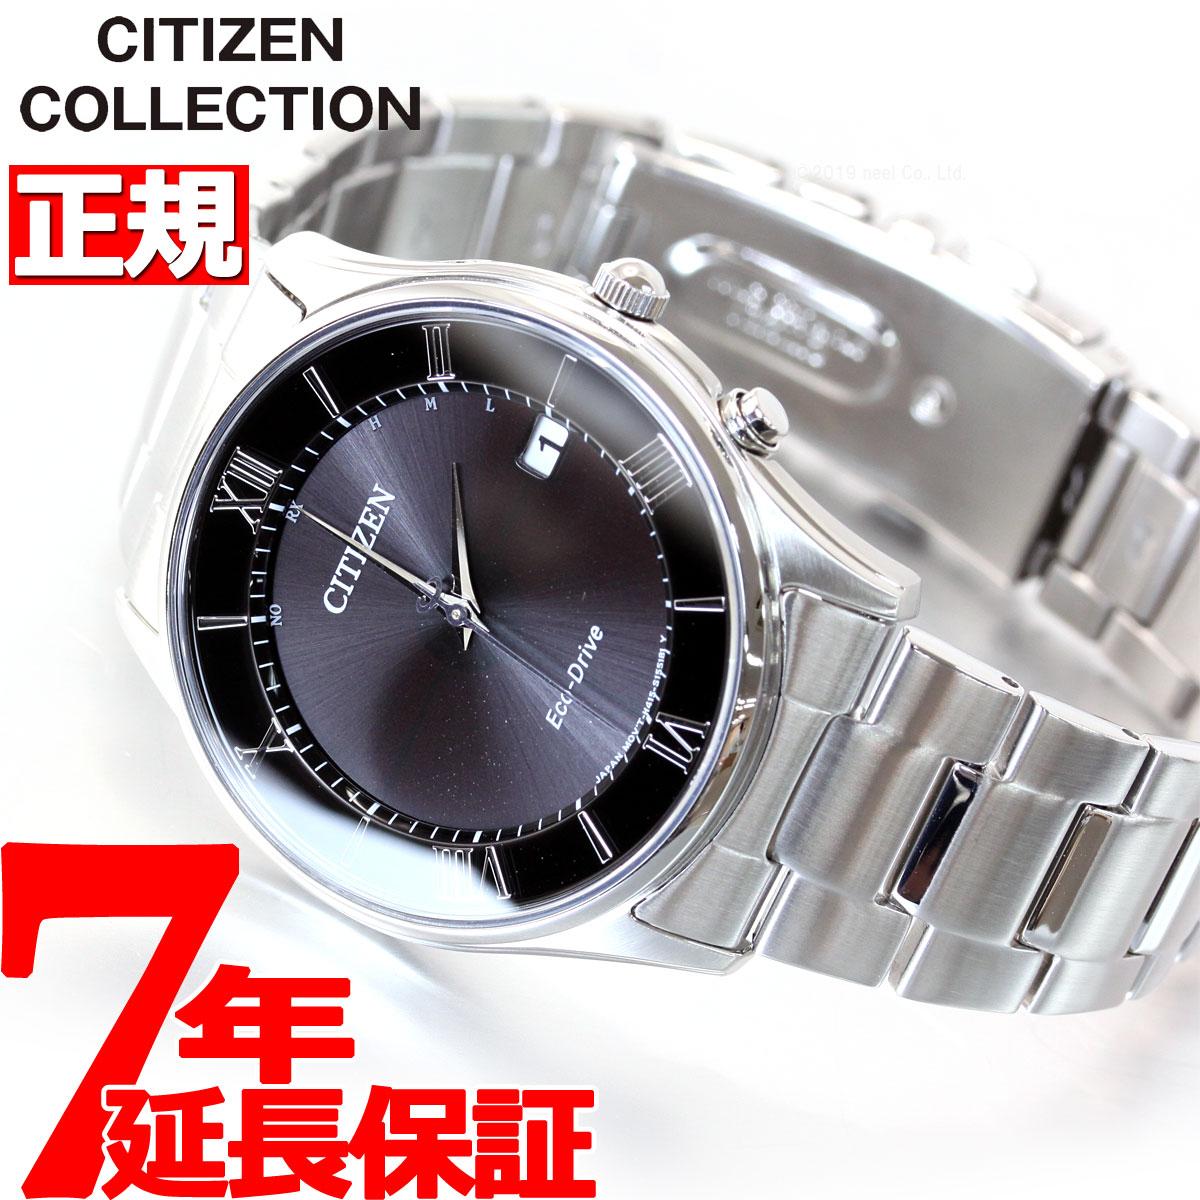 ニールならポイント最大35倍!30日23時59分まで!シチズンコレクション CITIZEN COLLECTION エコドライブ ソーラー 電波時計 腕時計 メンズ AS1060-54E